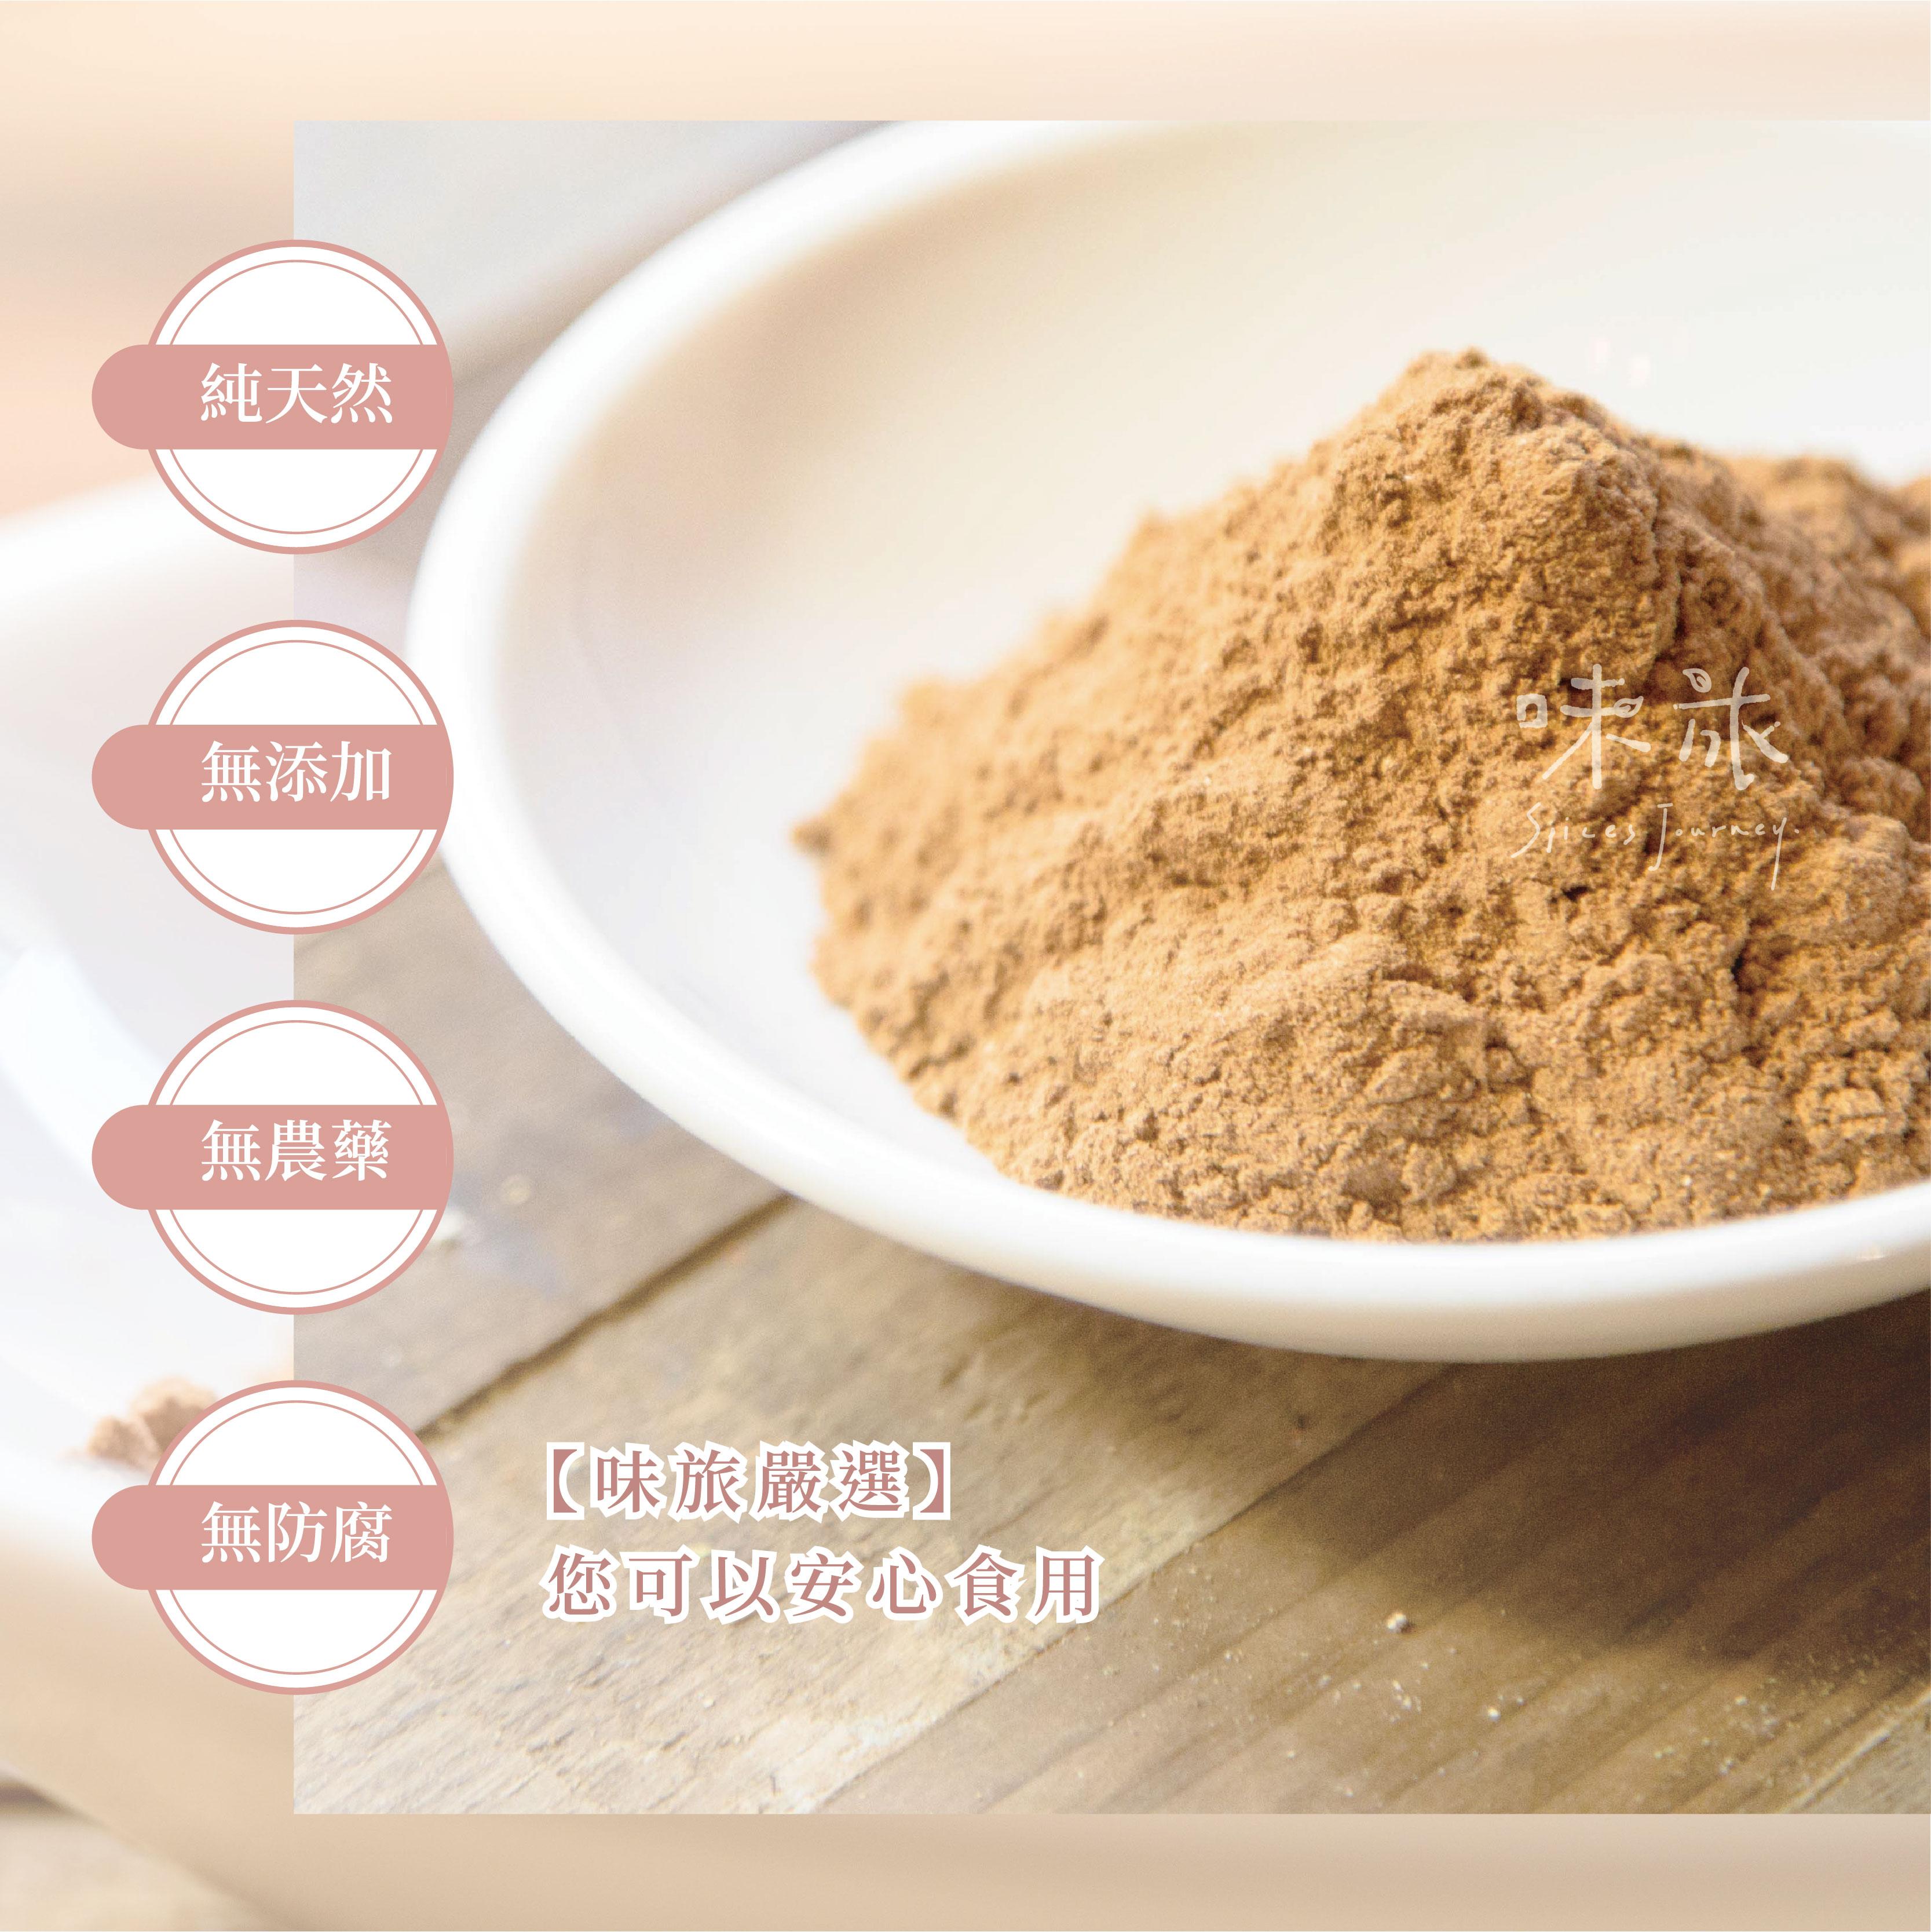 【味旅嚴選】|肉桂粉|Cinnamon Powder|50g【A204】